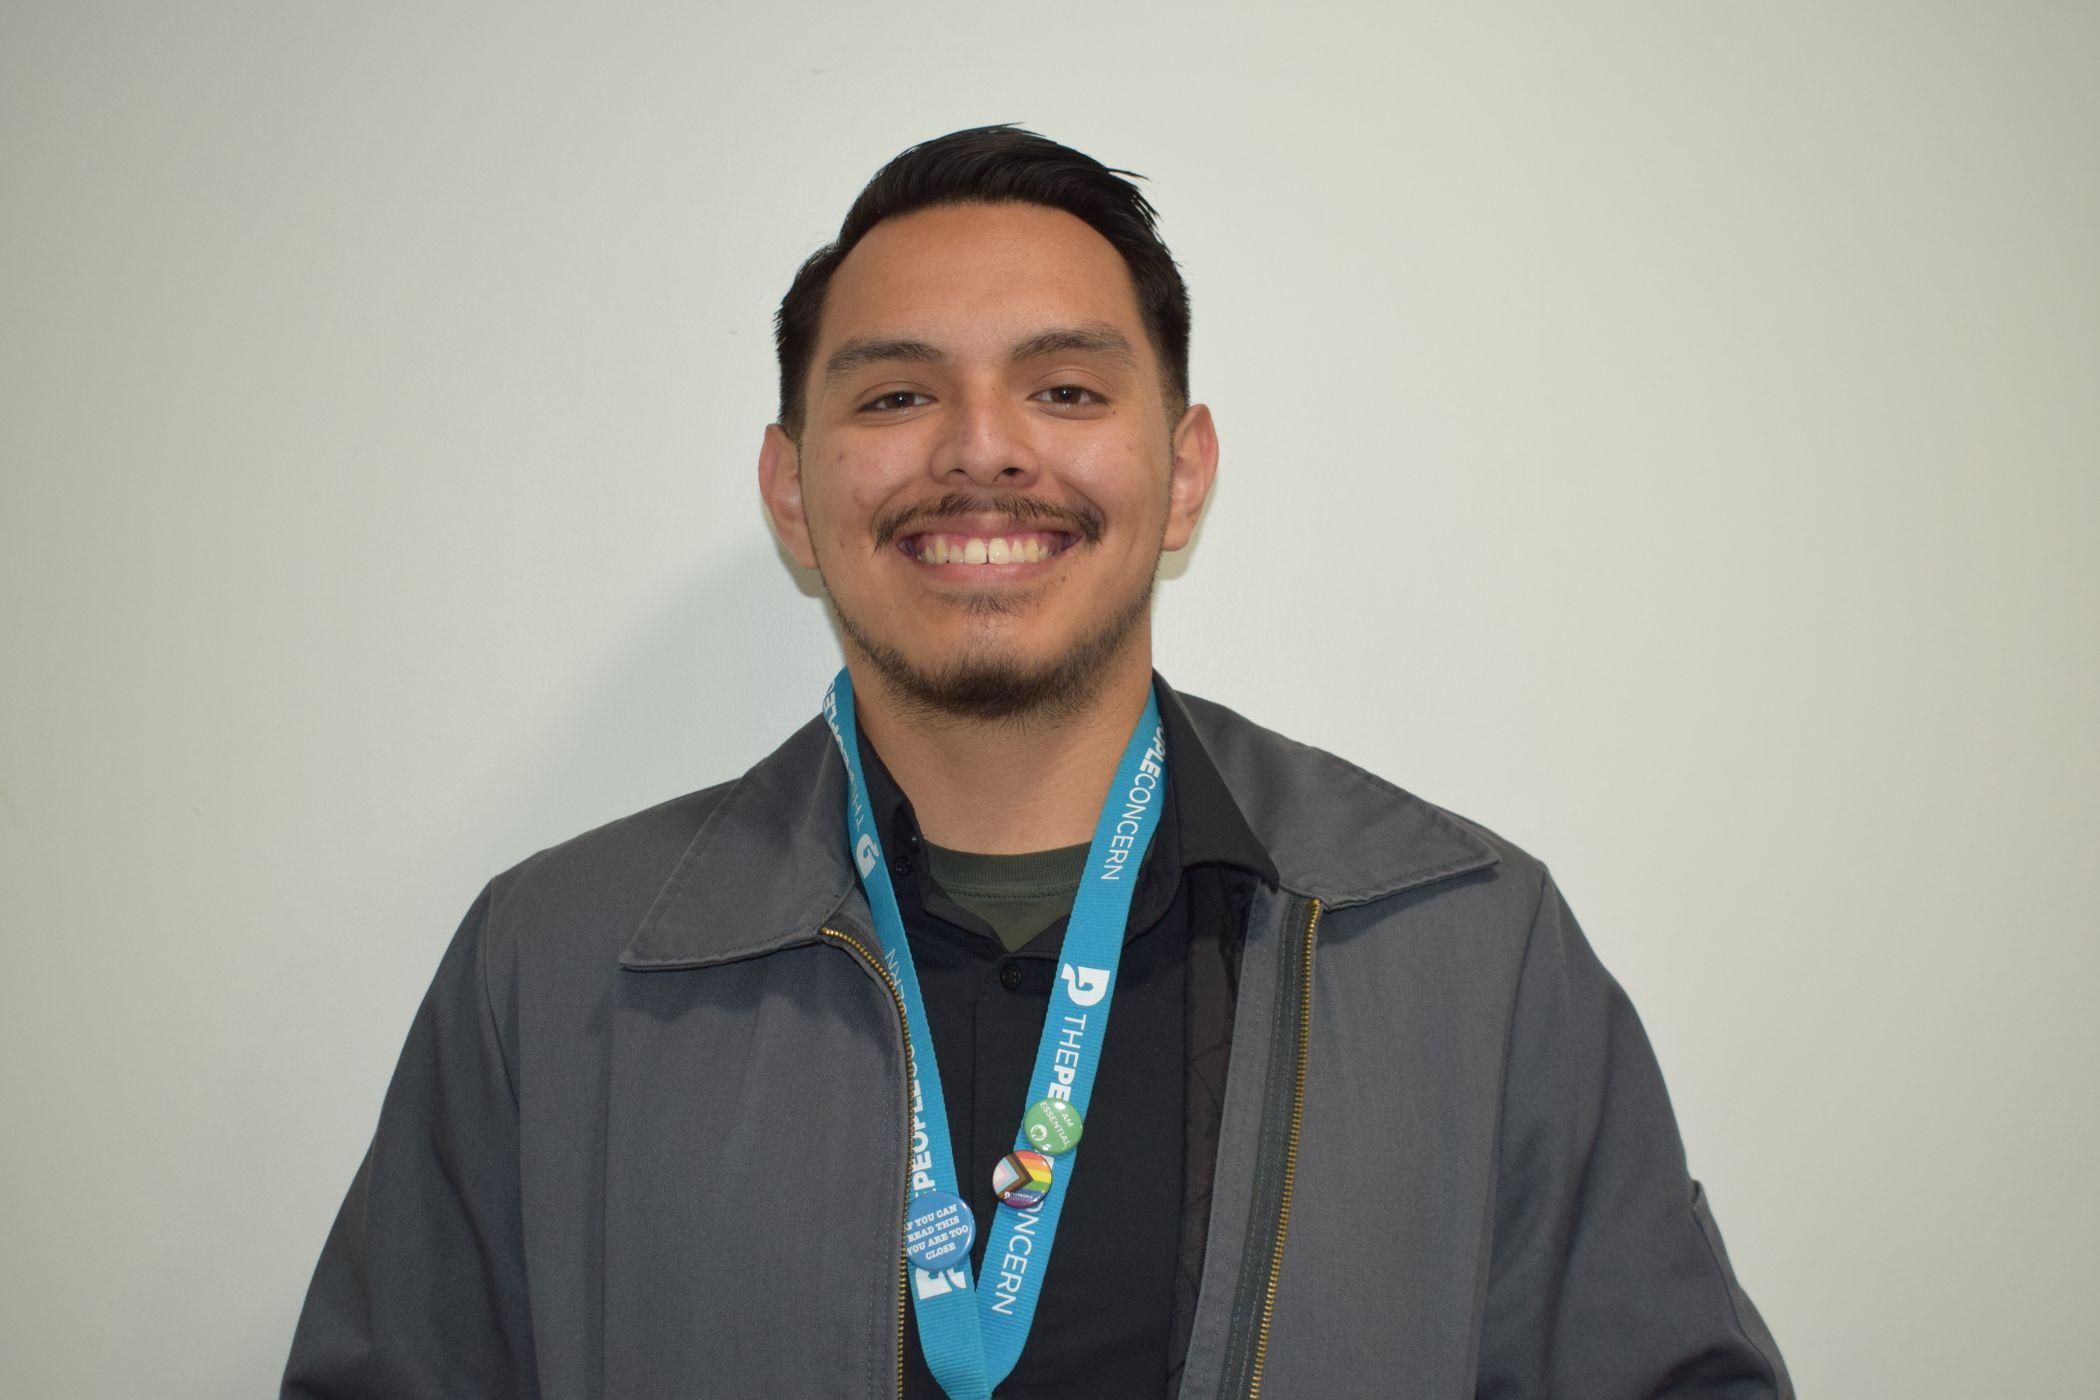 Jorge Reyes, Case Manager, The Village